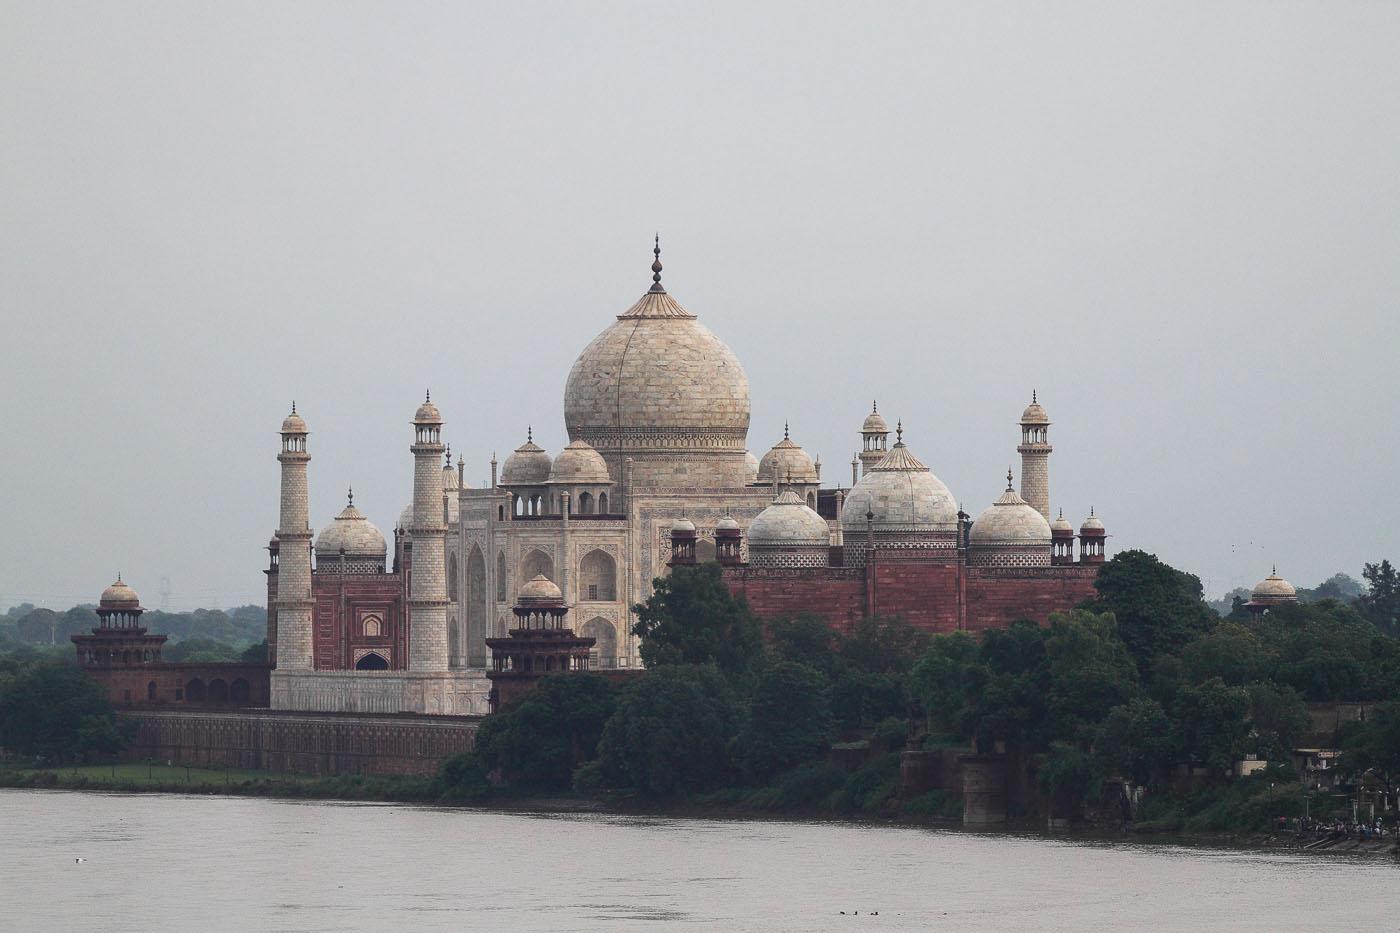 Фото 13. Туры в Индию. Отзывы об экскурсии по Золотому треугольнику. Самая известная достопримечательность Индии - мавзолей Тадж-Махал.